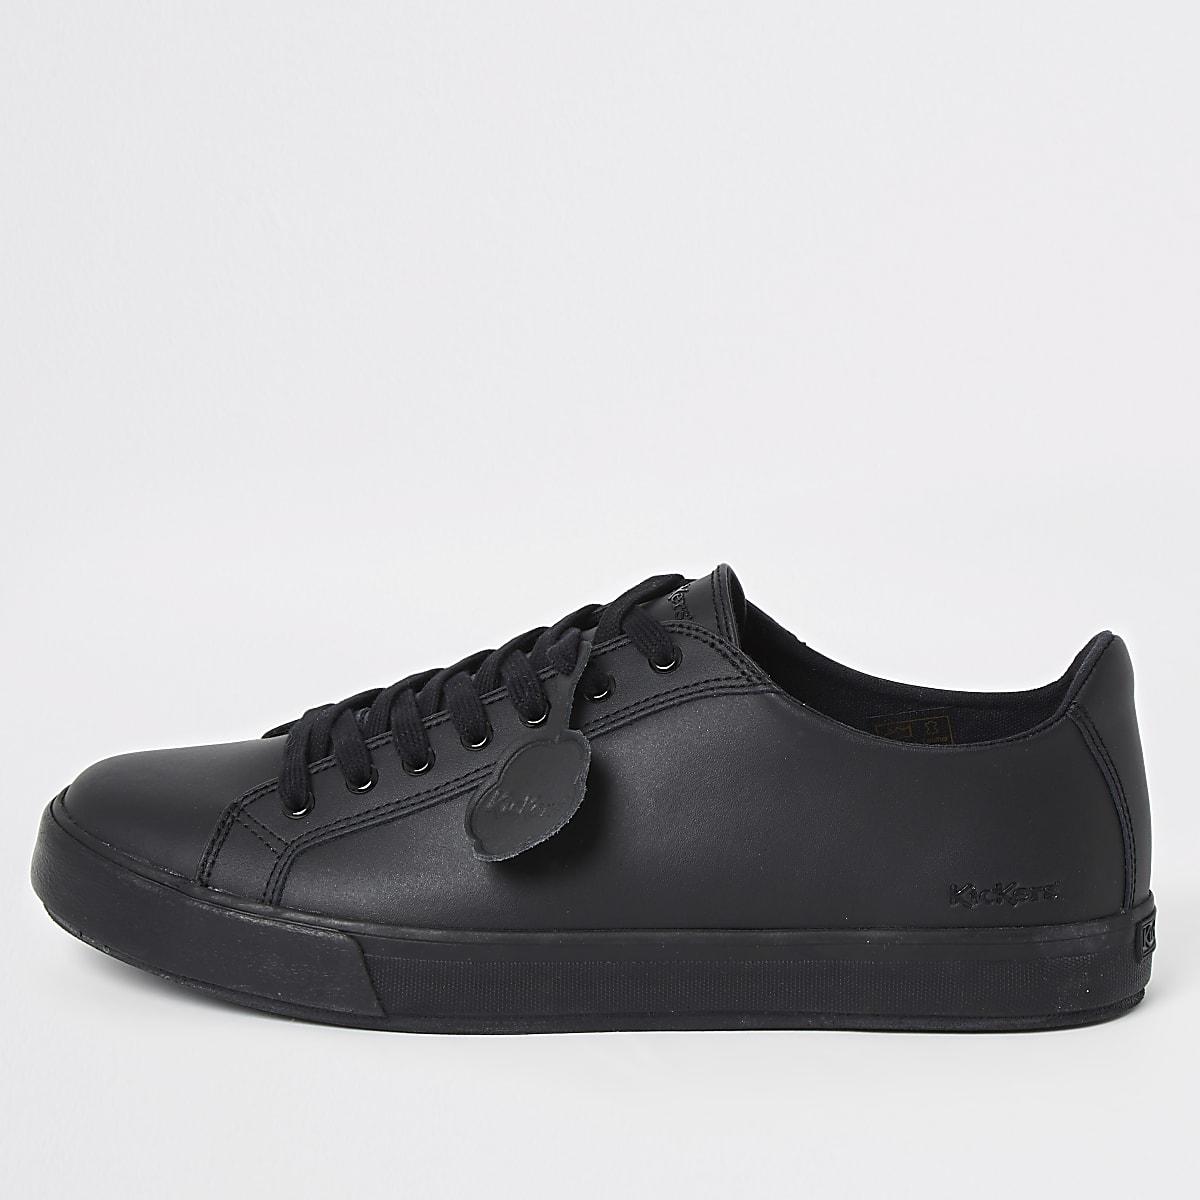 Kickers - Zwarte leren sneakers